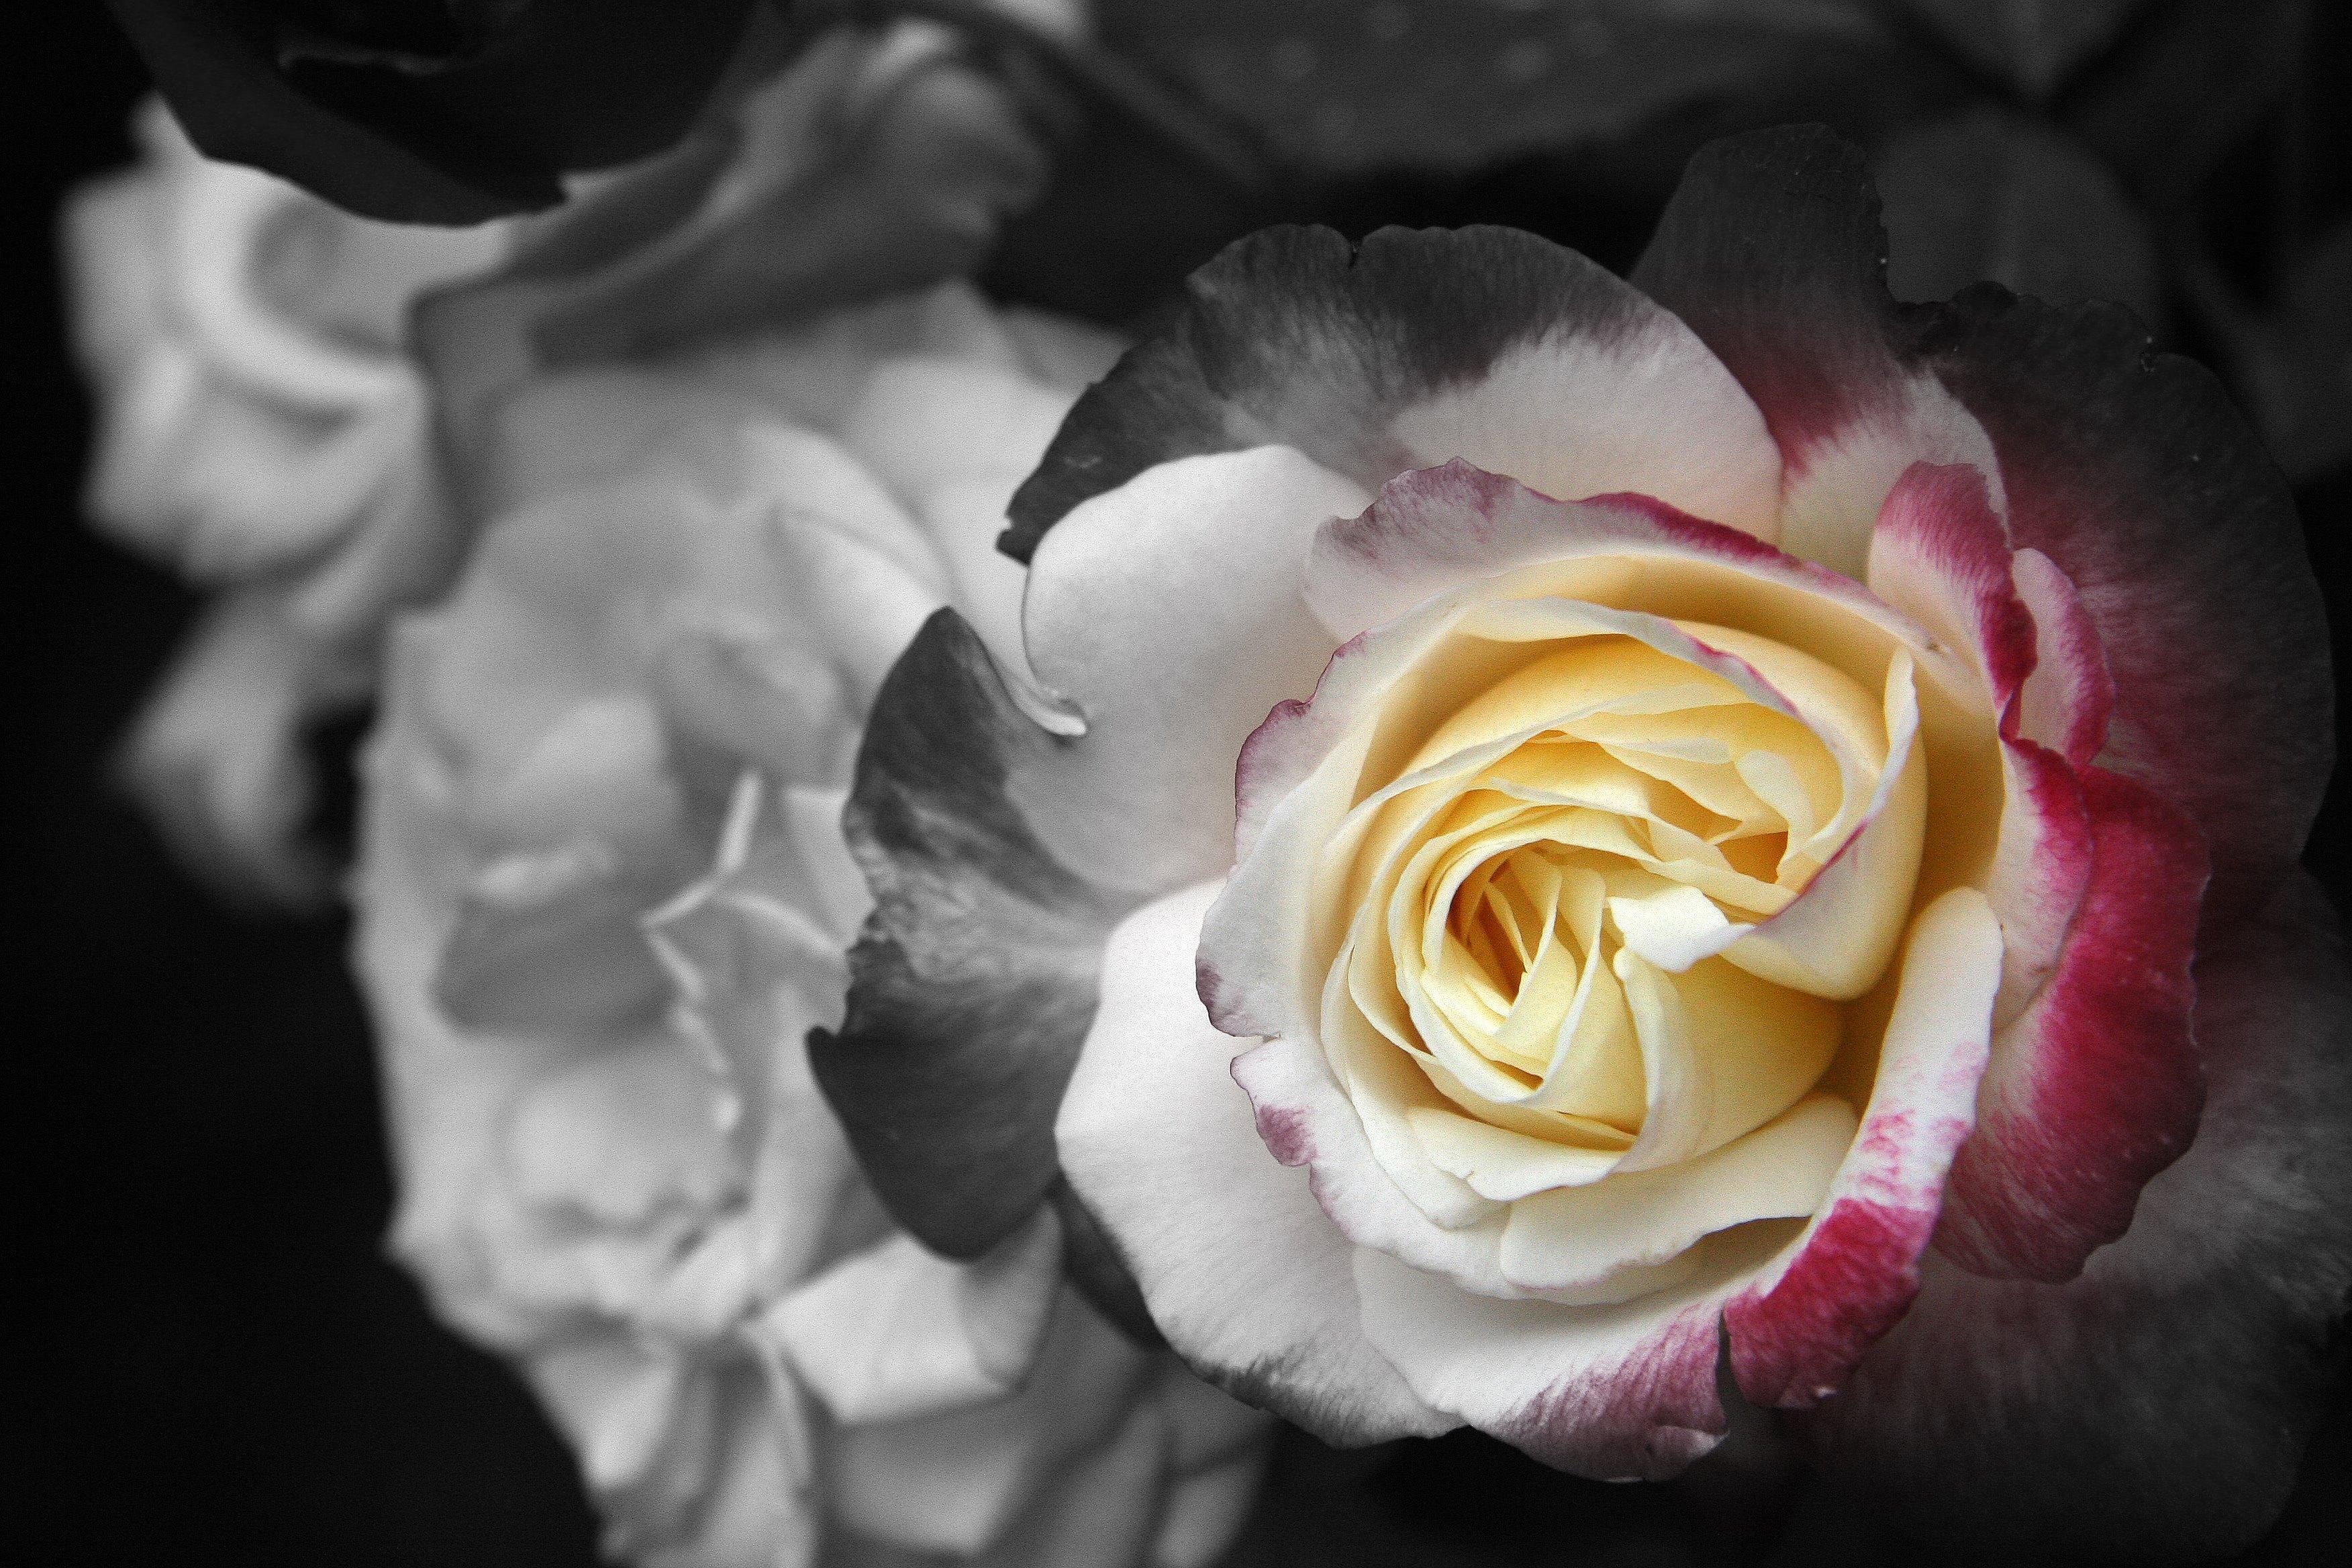 Multi roses focal bw 2